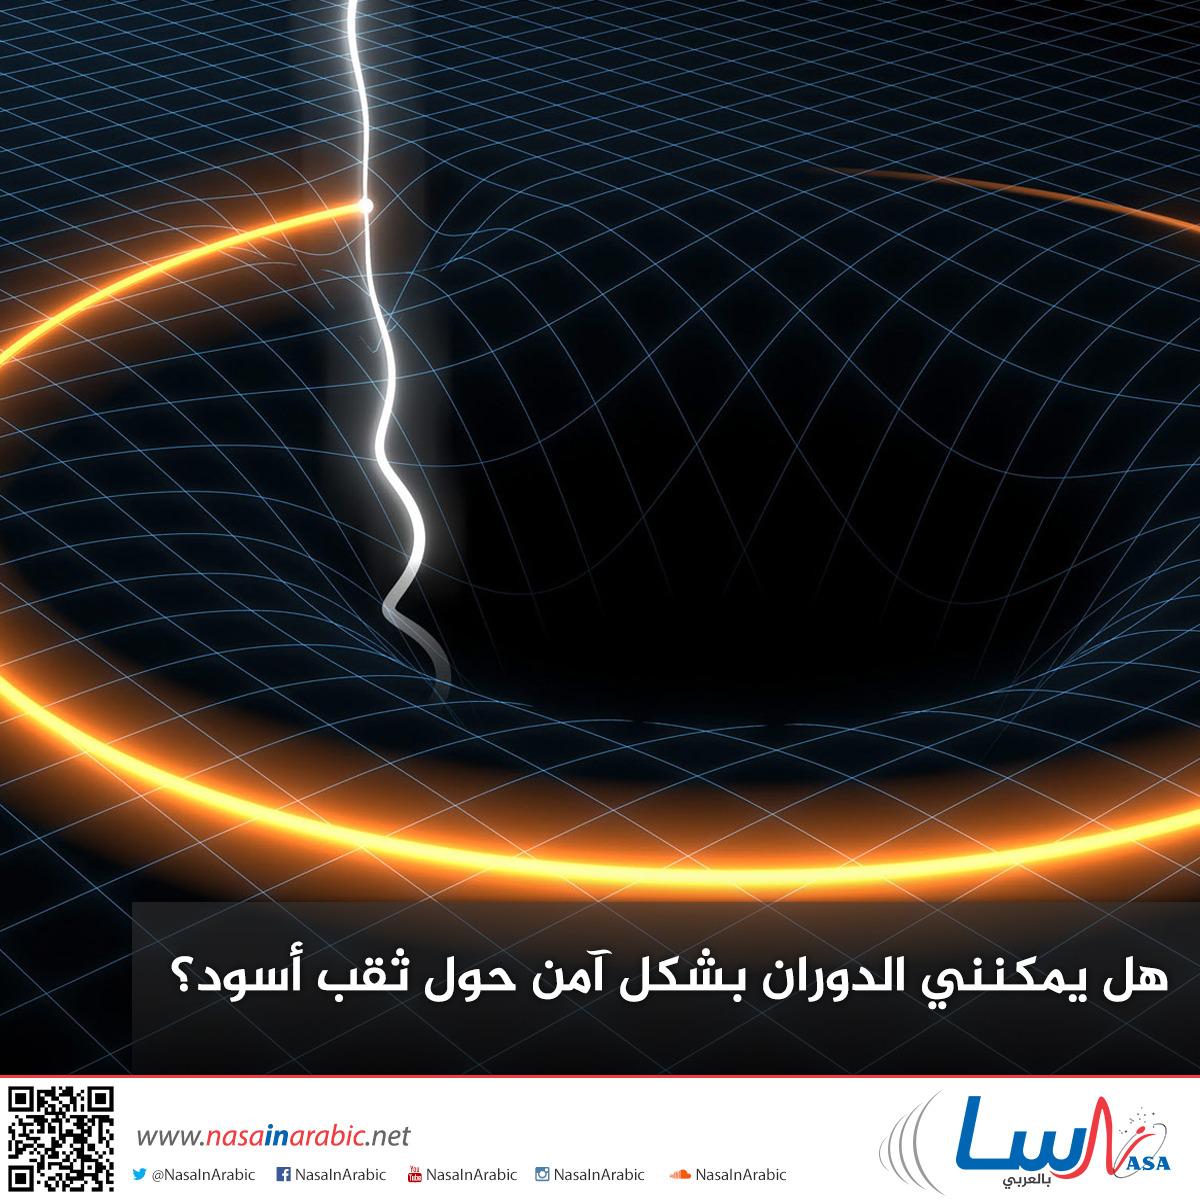 هل يمكنني الدوران بشكل آمن حول ثقب أسود؟